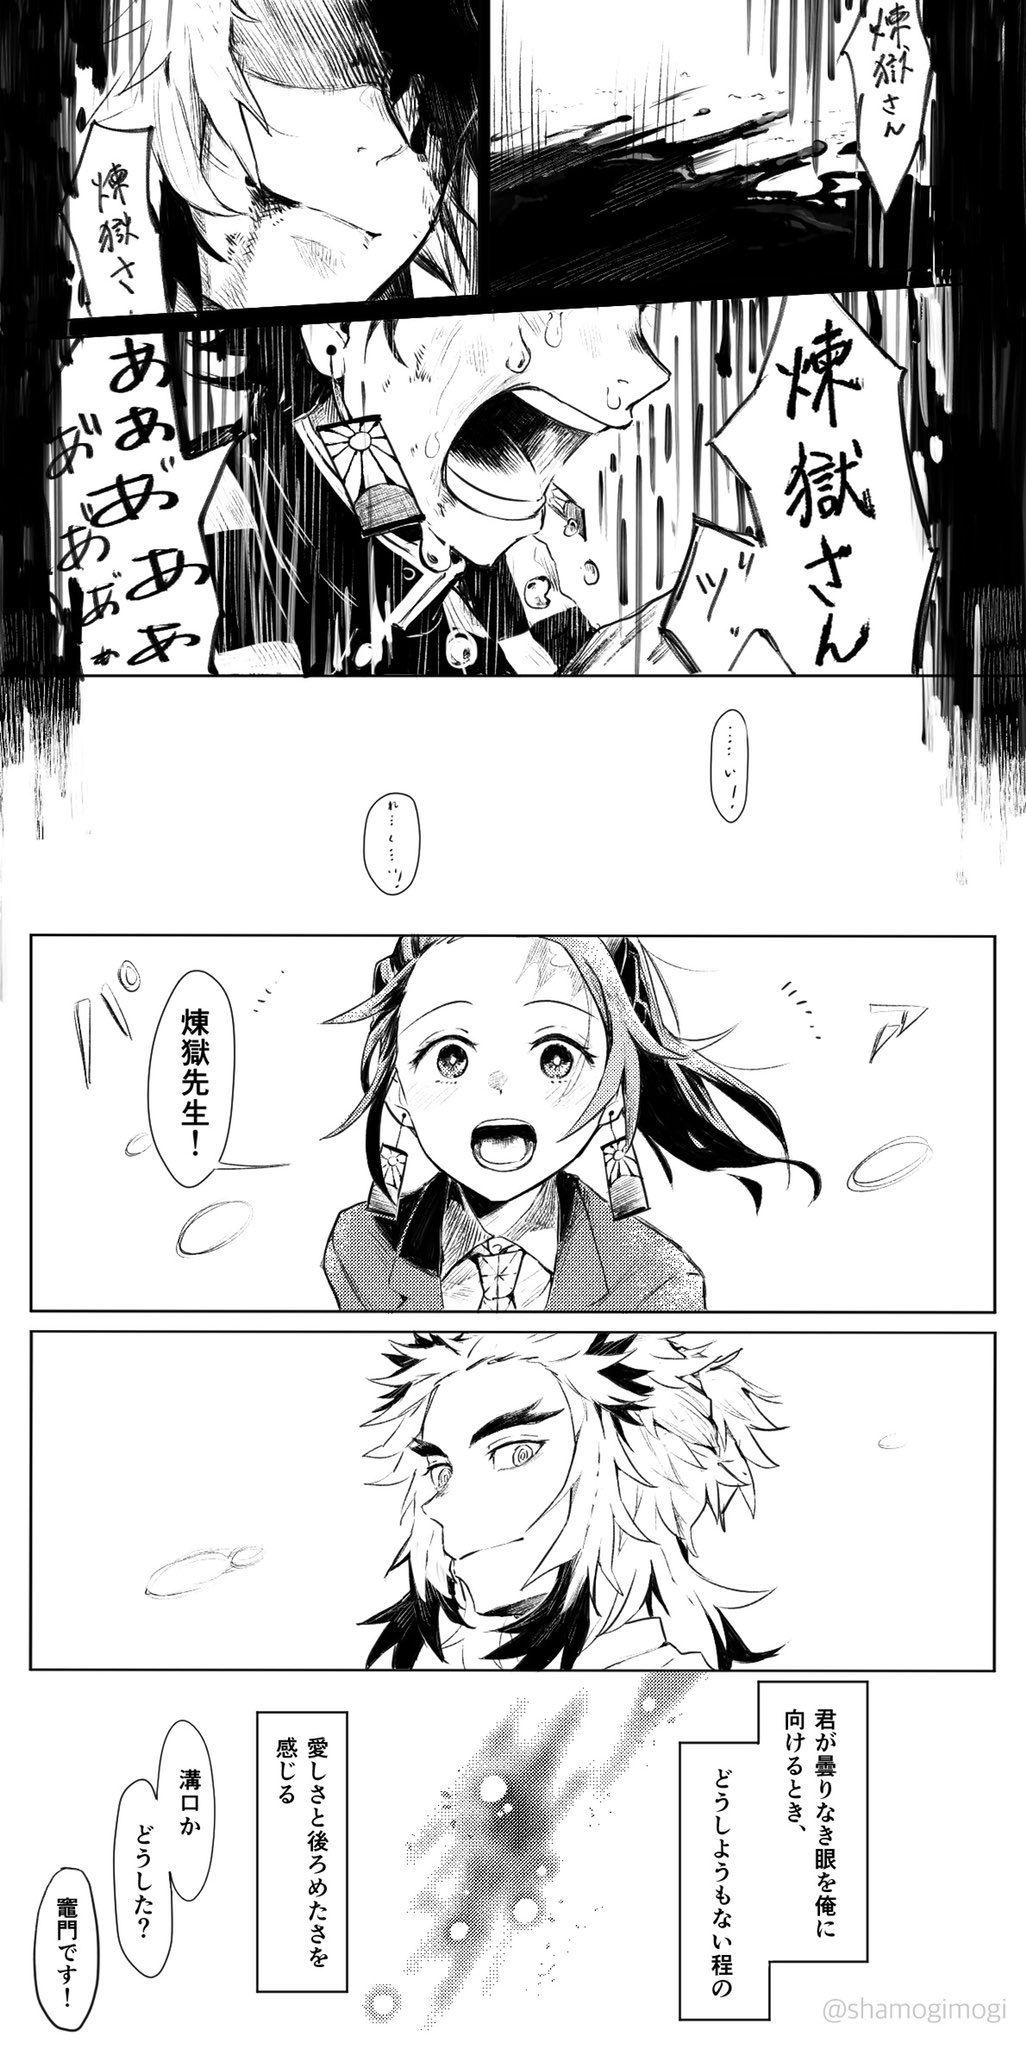 しゃぢ シレ on Twitter | 現世, 漫画, Fate 漫画